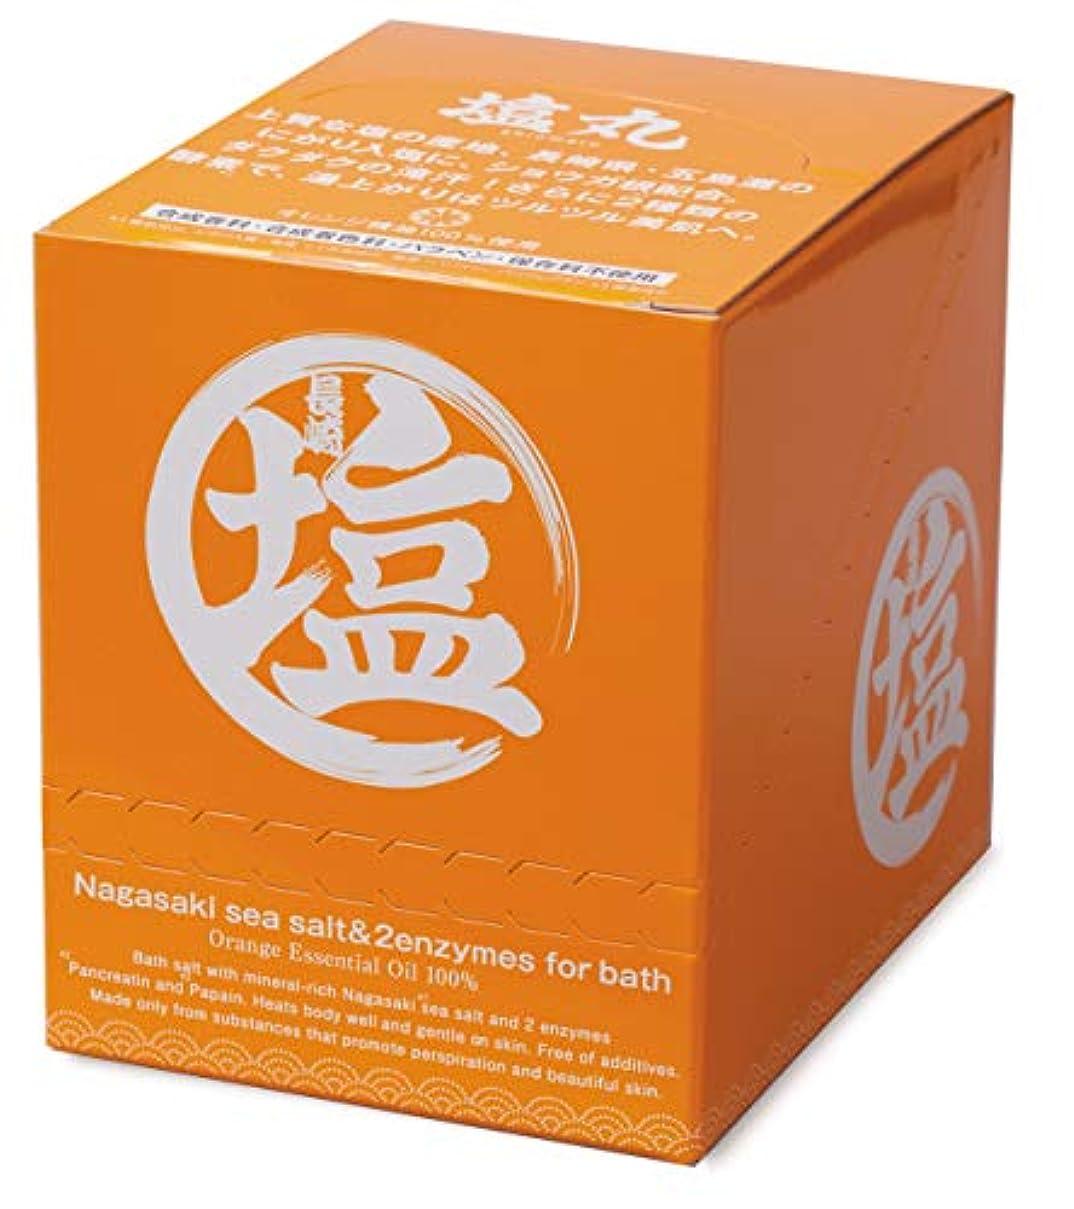 店員ローン(塩丸)長崎産にがり入海塩入浴剤(40g×12包入)オレンジ精油/合成香料?合成着色料?保存料不使用